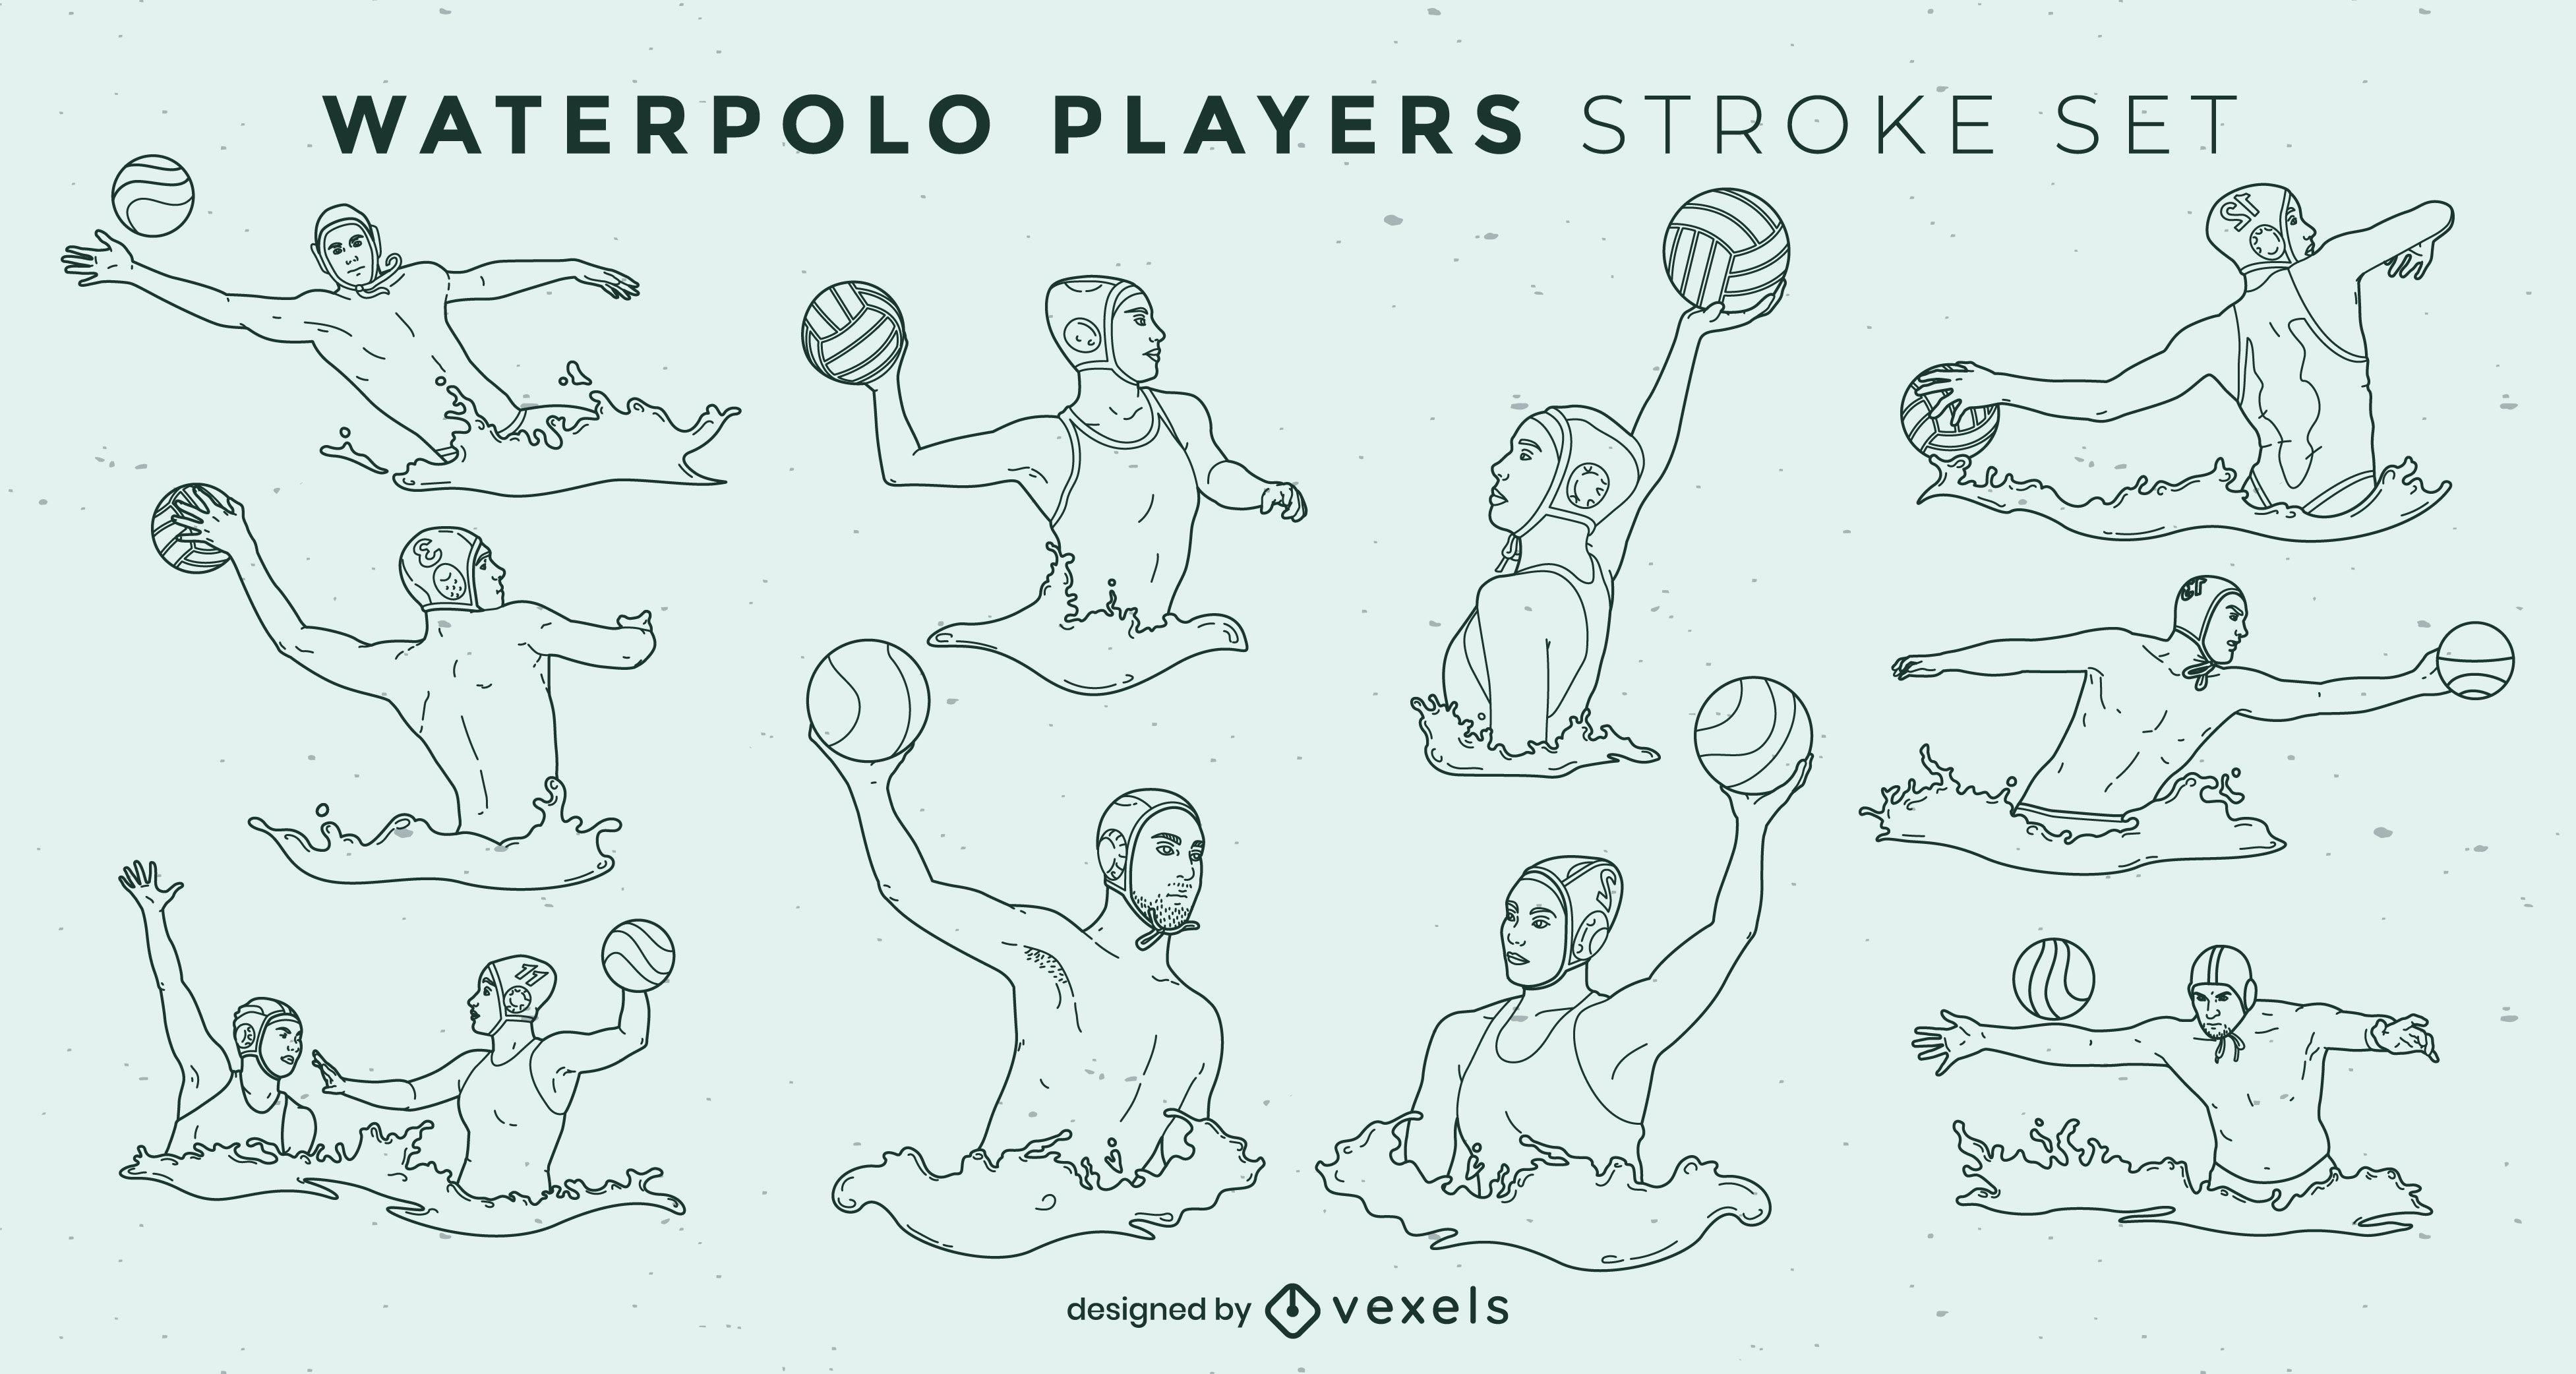 Juego de trazos de deportes acuáticos para jugadores de waterpolo